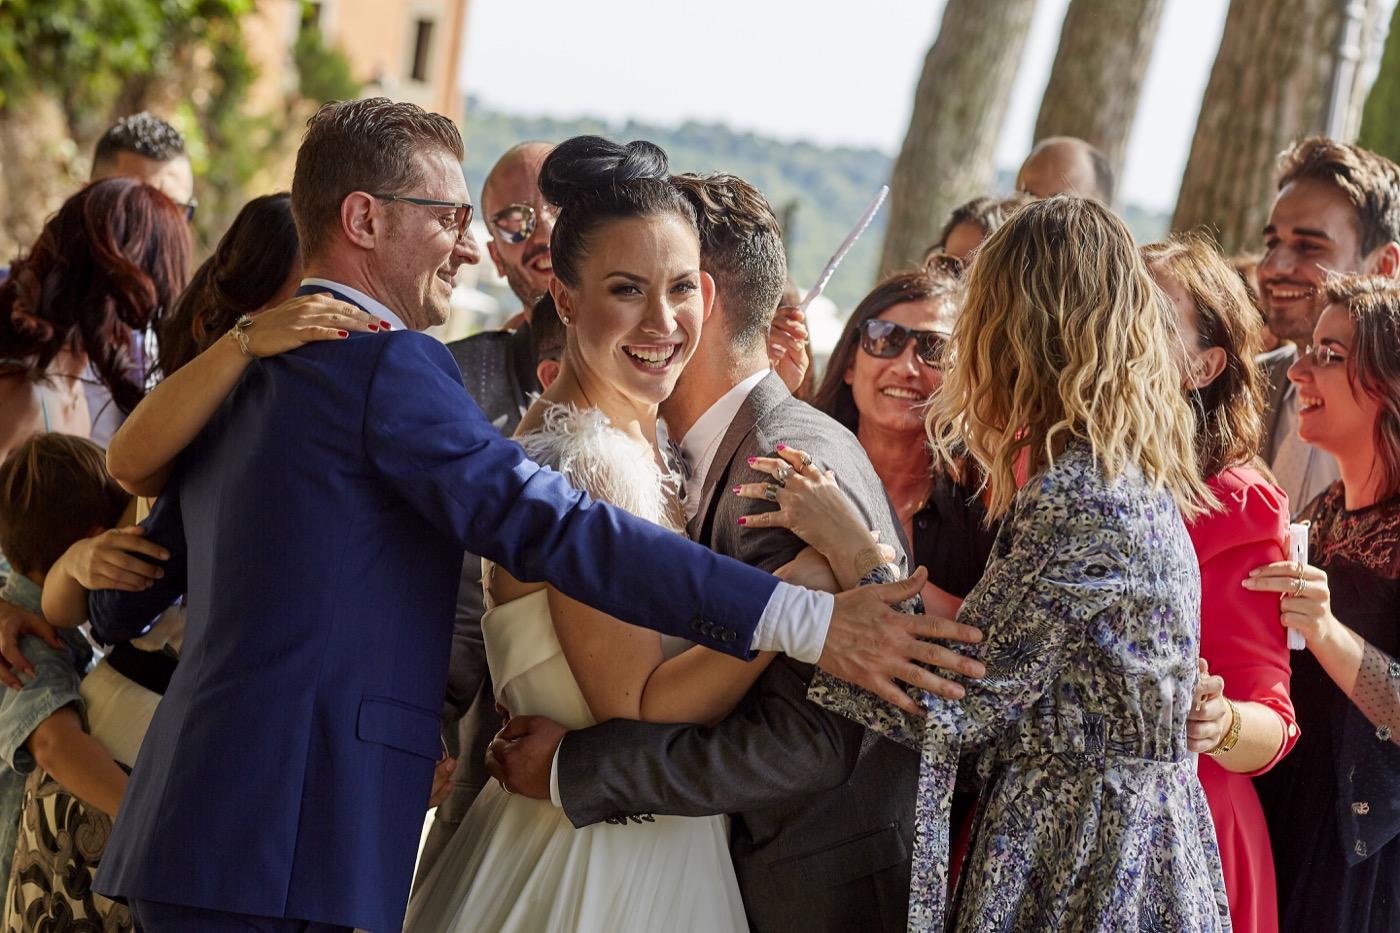 Claudio-Coppola-wedding-photographer-villa-del-cardinale-rocca-di-papa-castel-gandolfo-64